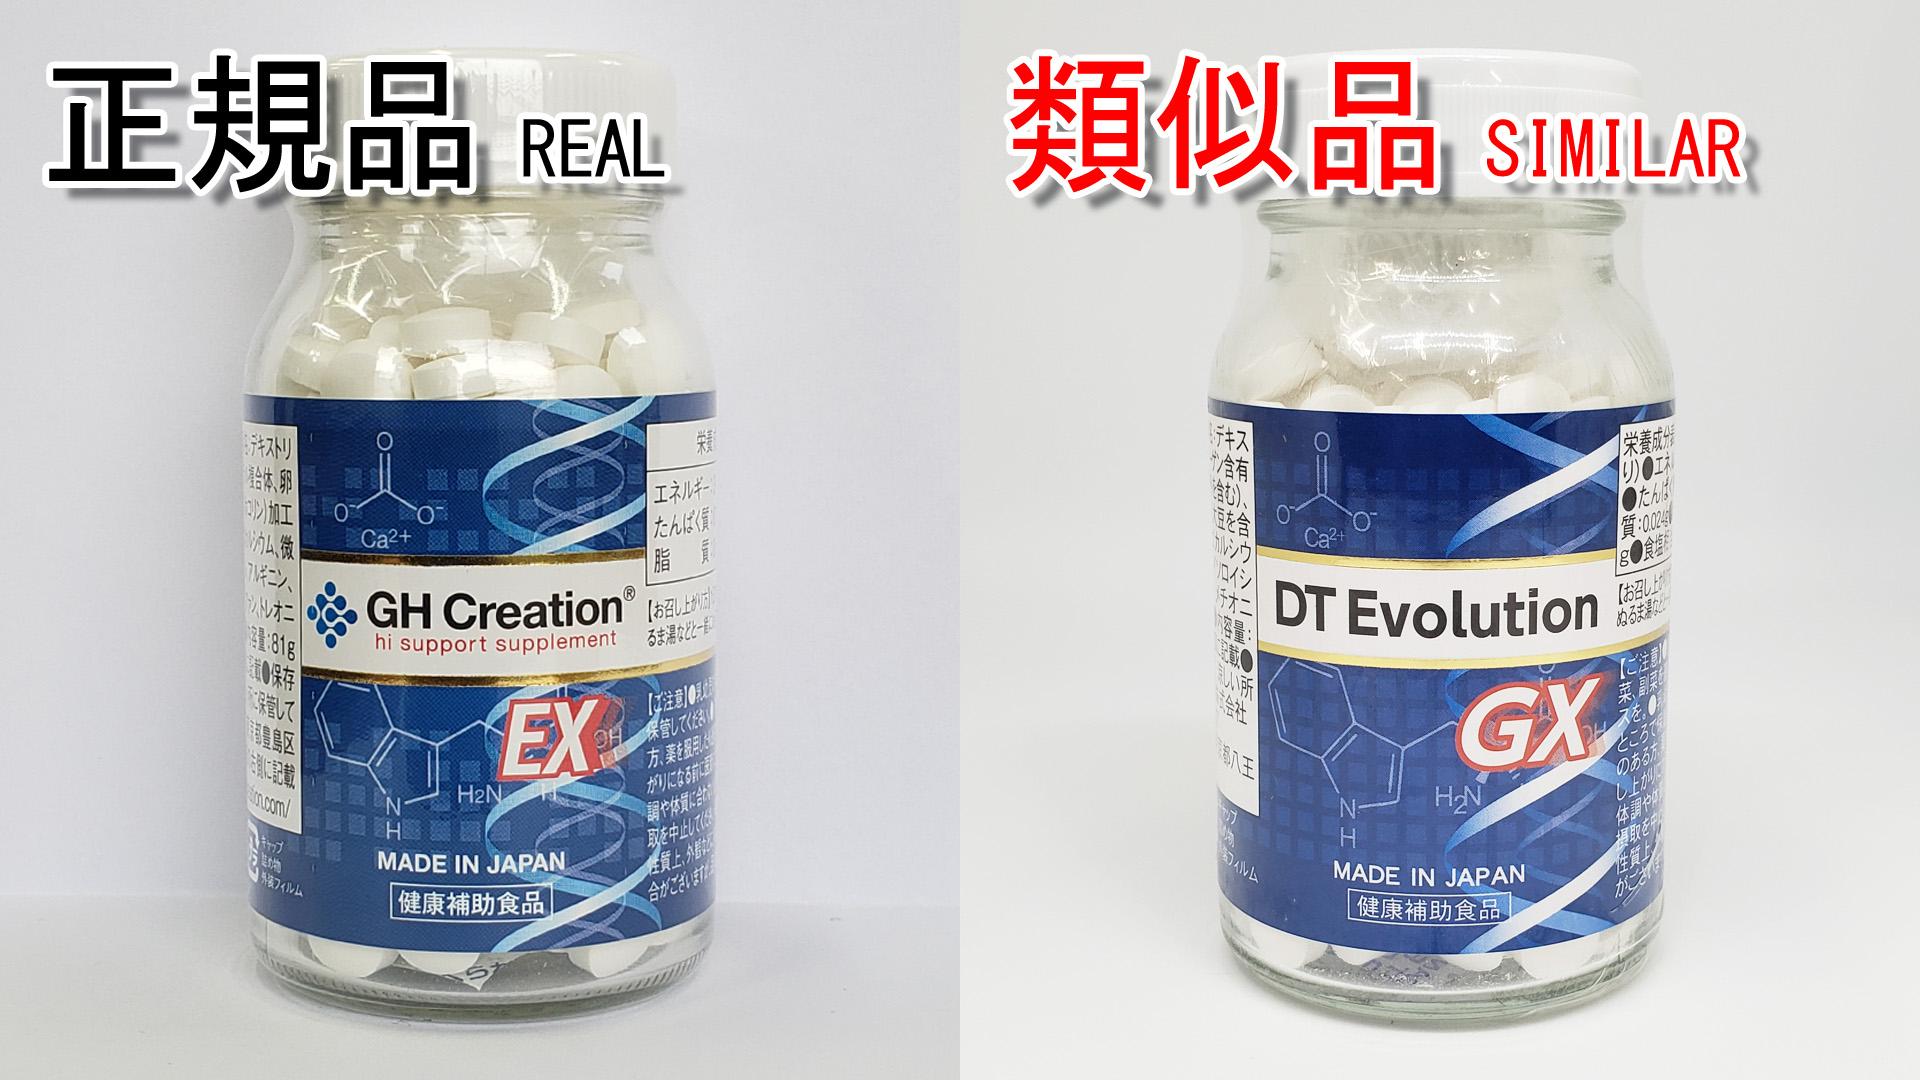 DT Evolution